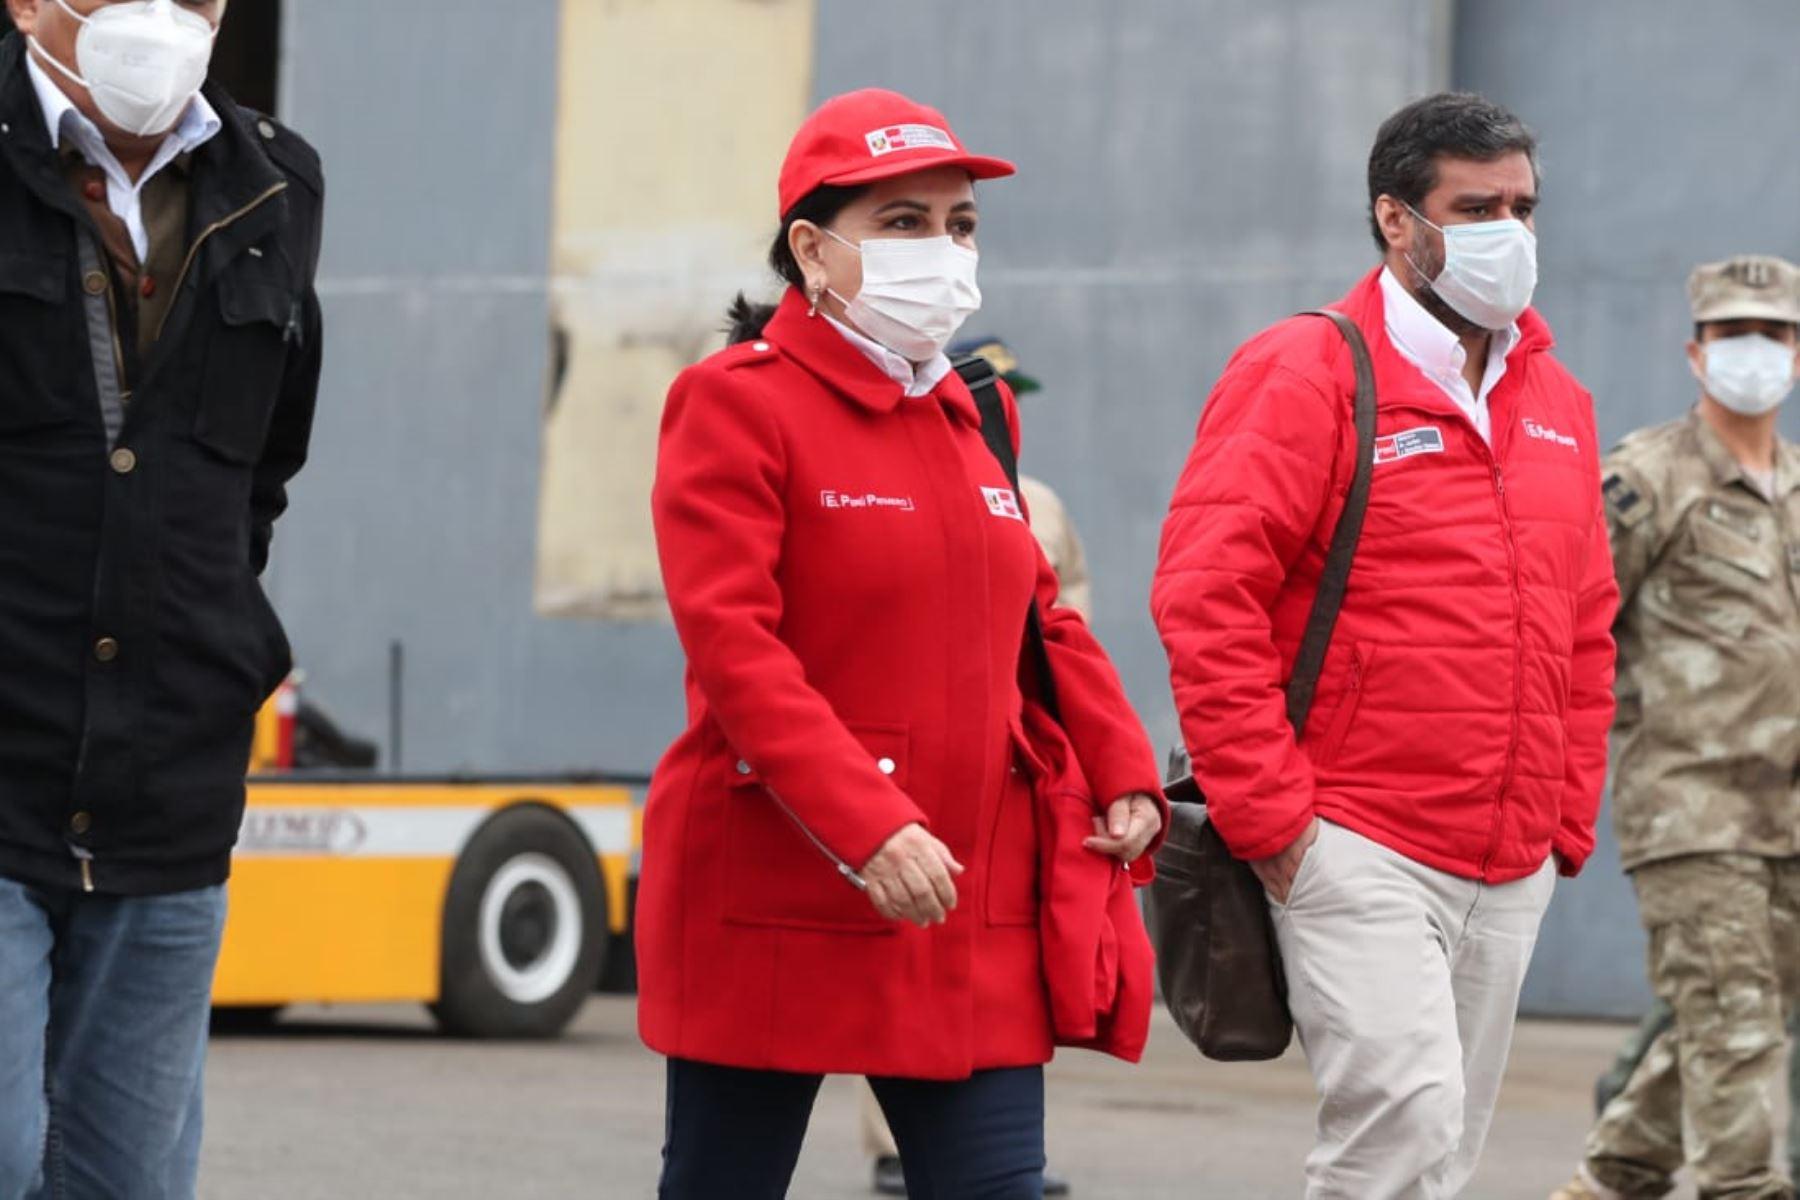 Jefe de Gabinete y ministros de Estado viajan a Ayacucho para reforzar acciones frente a la pandemia por Covid-19. Gloria Montengro, ministra de la Mujer, forma parte de la comitiva. Foto: ANDINA/PCM